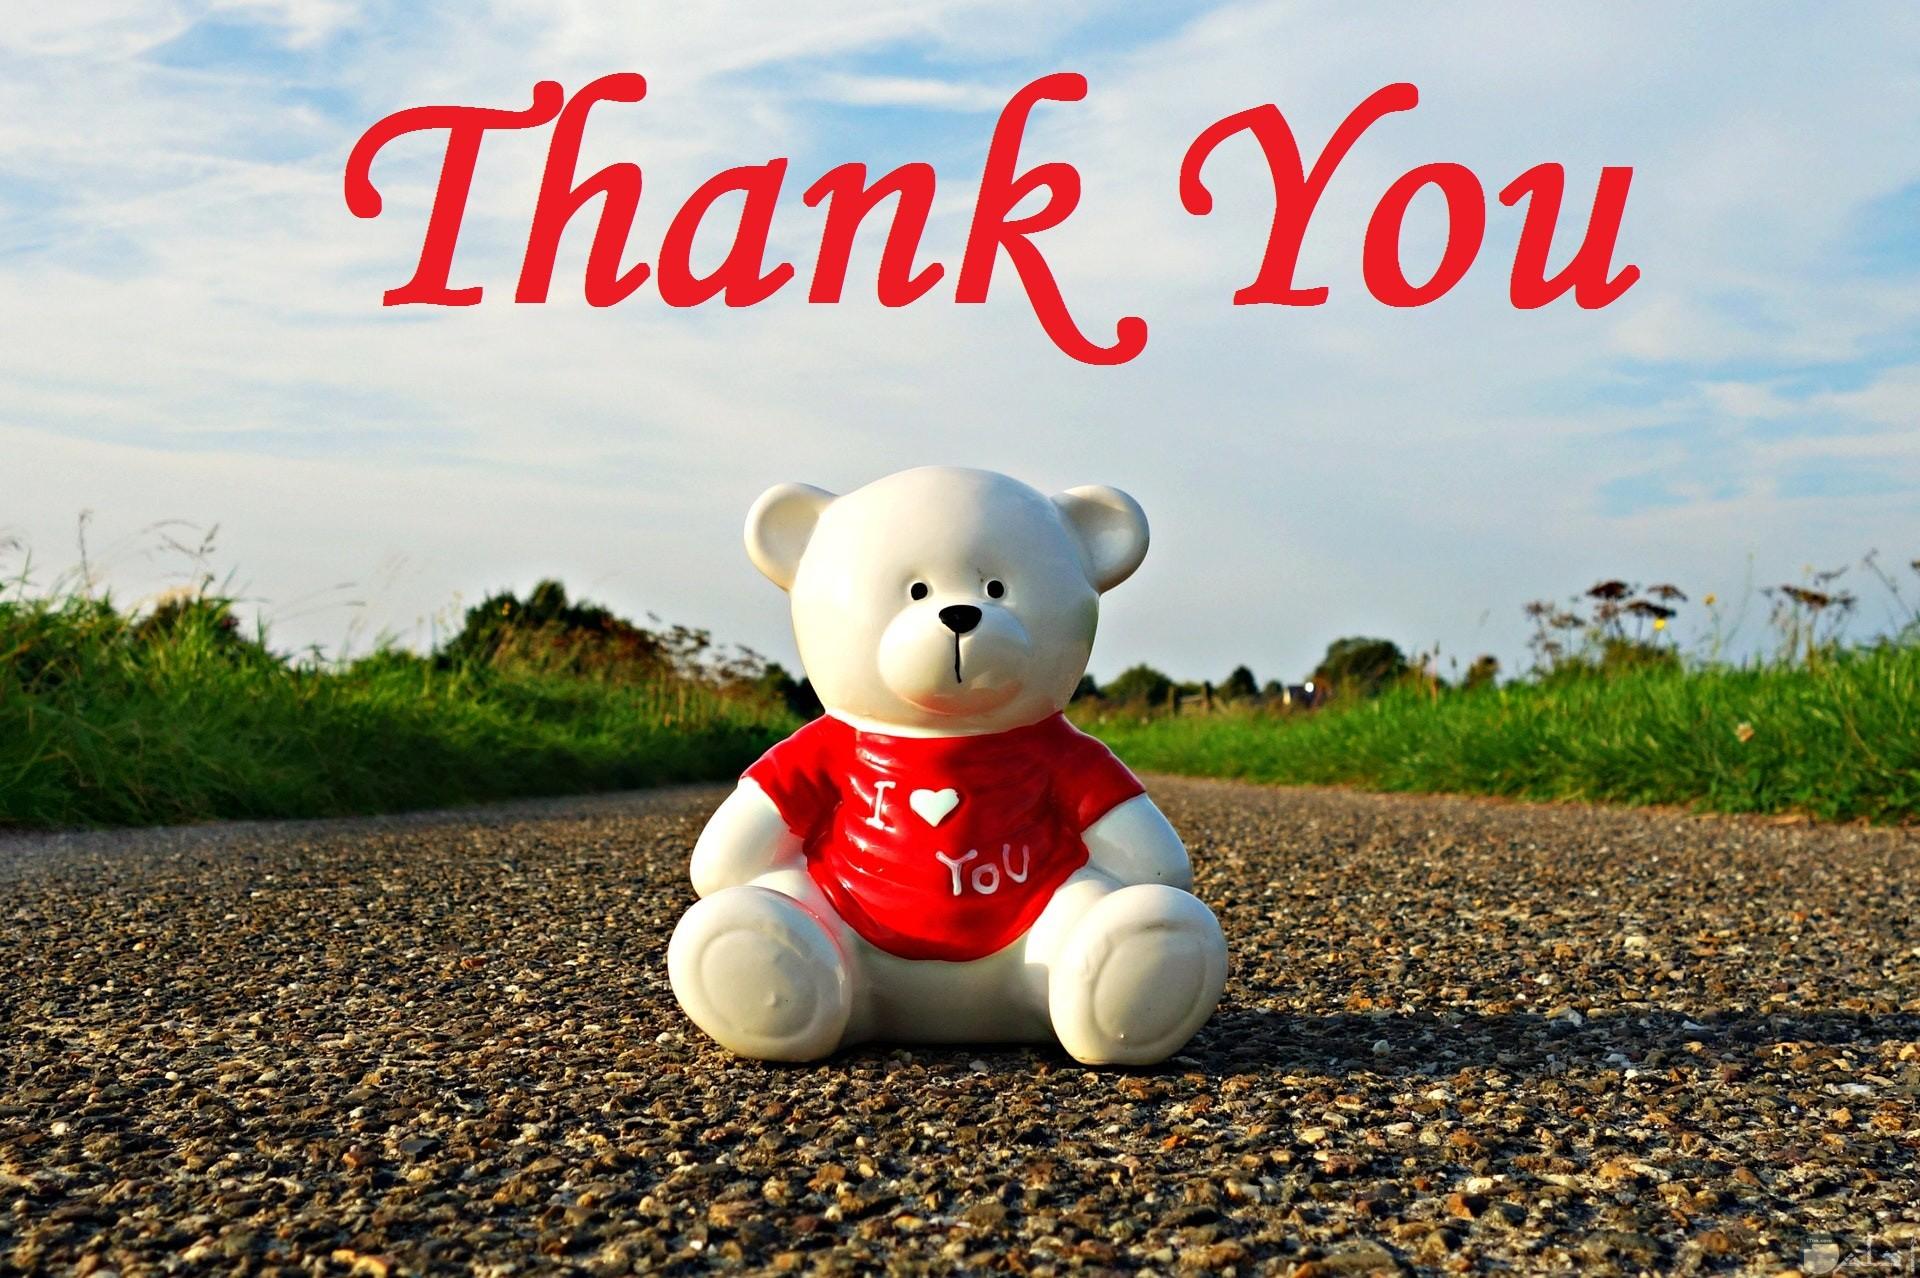 صورة مميزة جدا للتعبير عن الشكر بالإنجليزي مع دب جميل